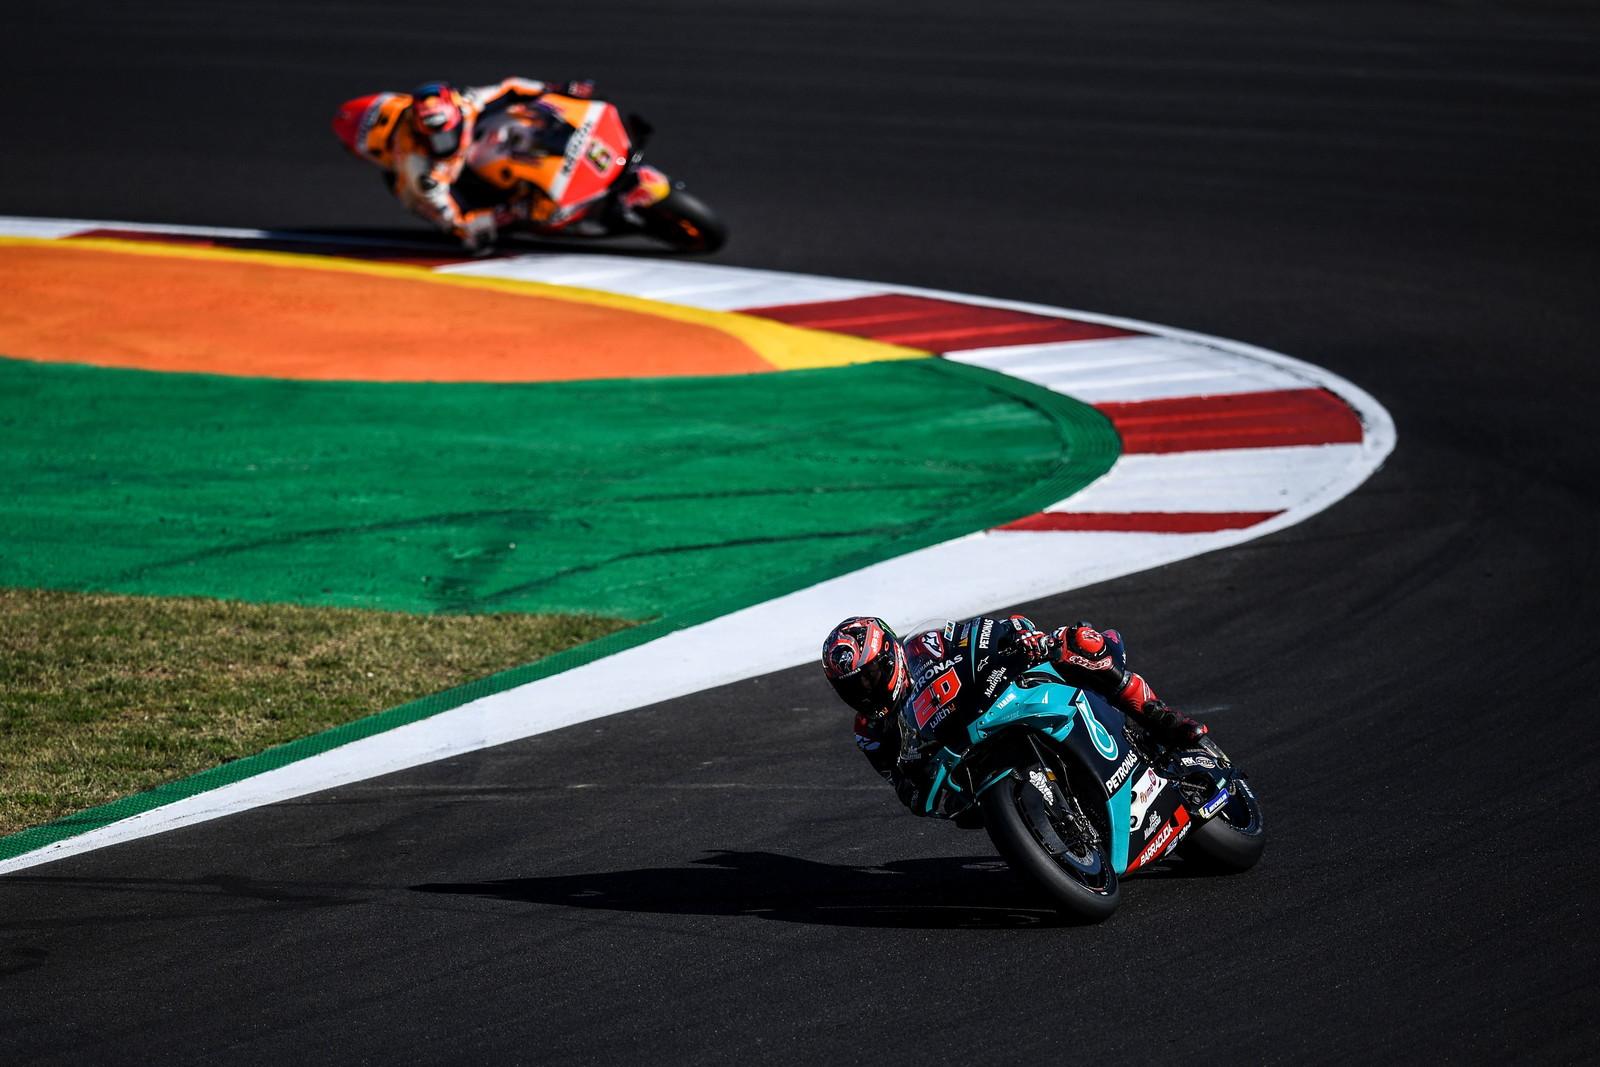 Saliscendi e curve mozzafiato sul circuito dell&#39;Algarve di Portimao che questo fine settimana, l&#39;ultimo della MotoGP, fa il suo esordio assoluto nel Motomondiale<br /><br />